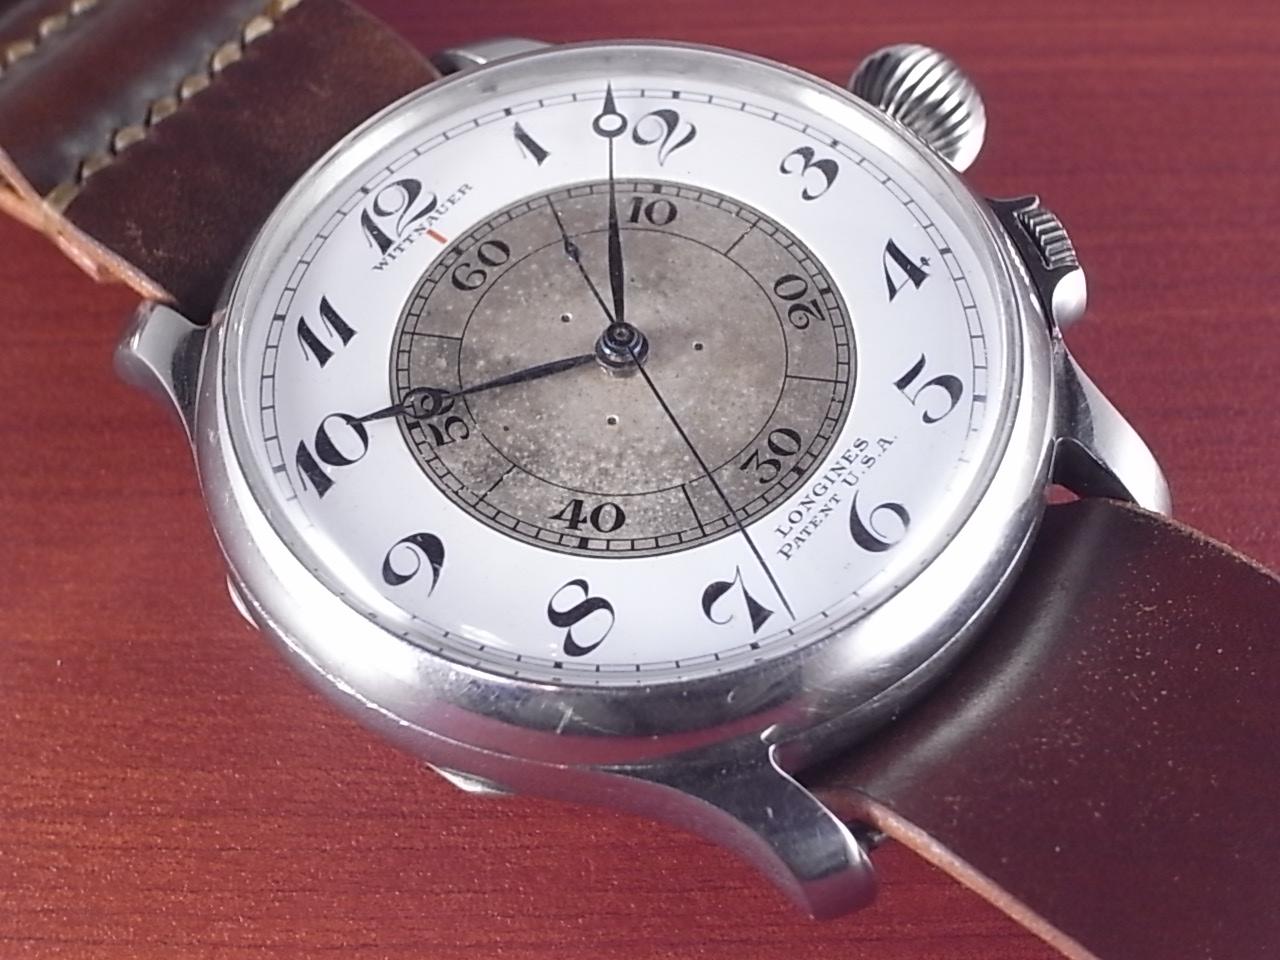 ロンジン=ウィットナー 旧日本海軍 ウィームス 天測時計 1930年代のメイン写真